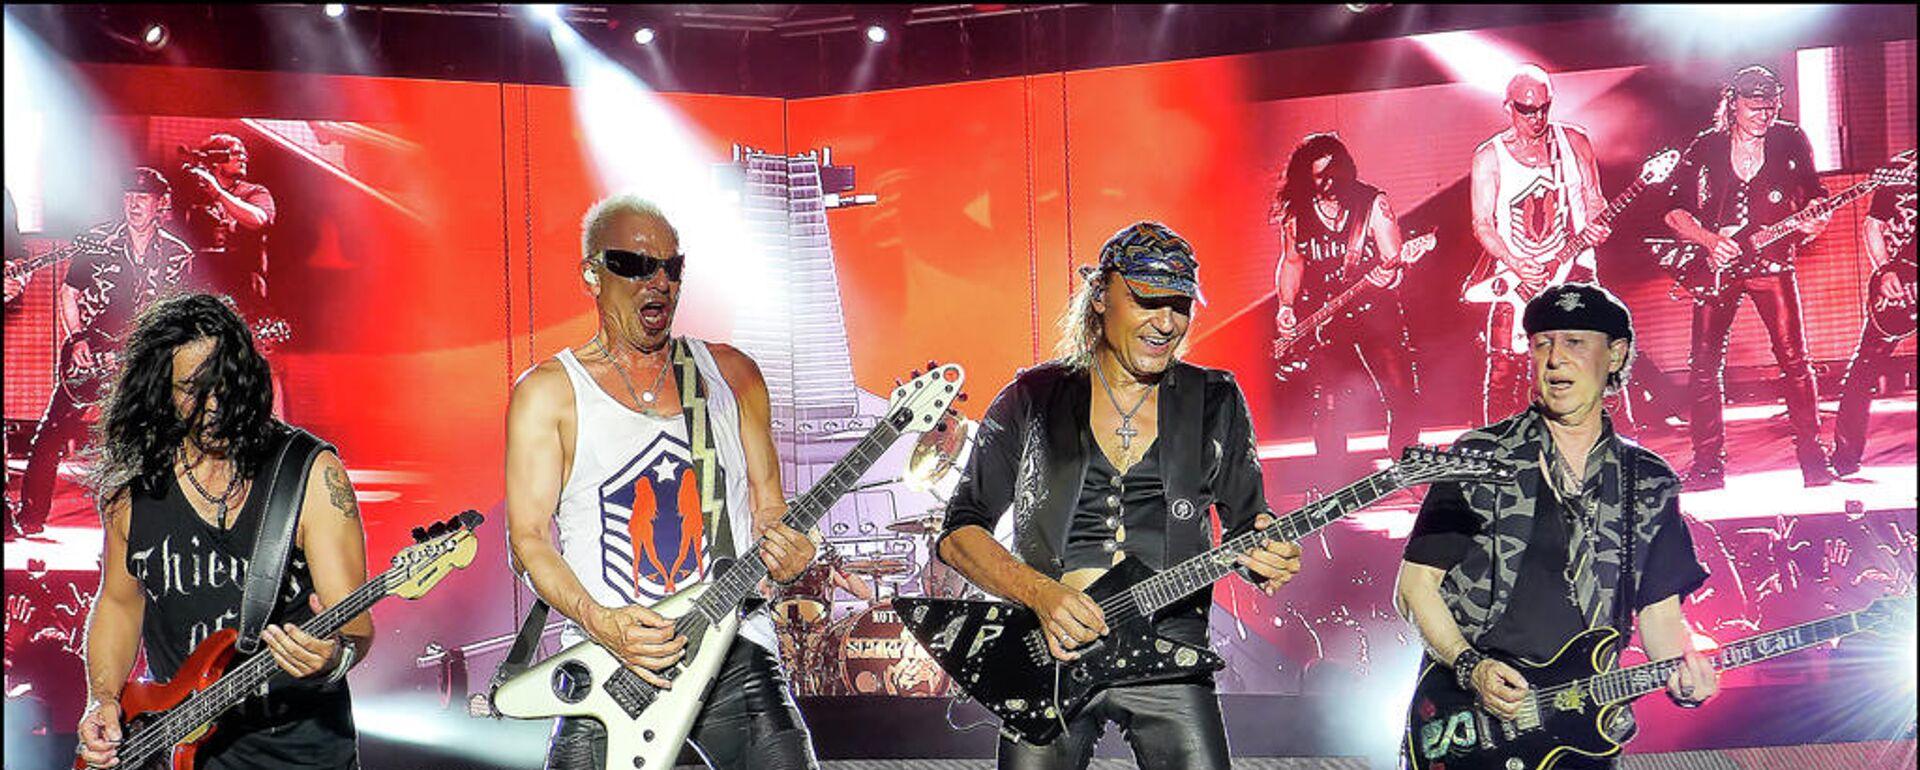 Scorpions bei RockFest in Barcelona (23.07.2015) - SNA, 1920, 21.06.2021